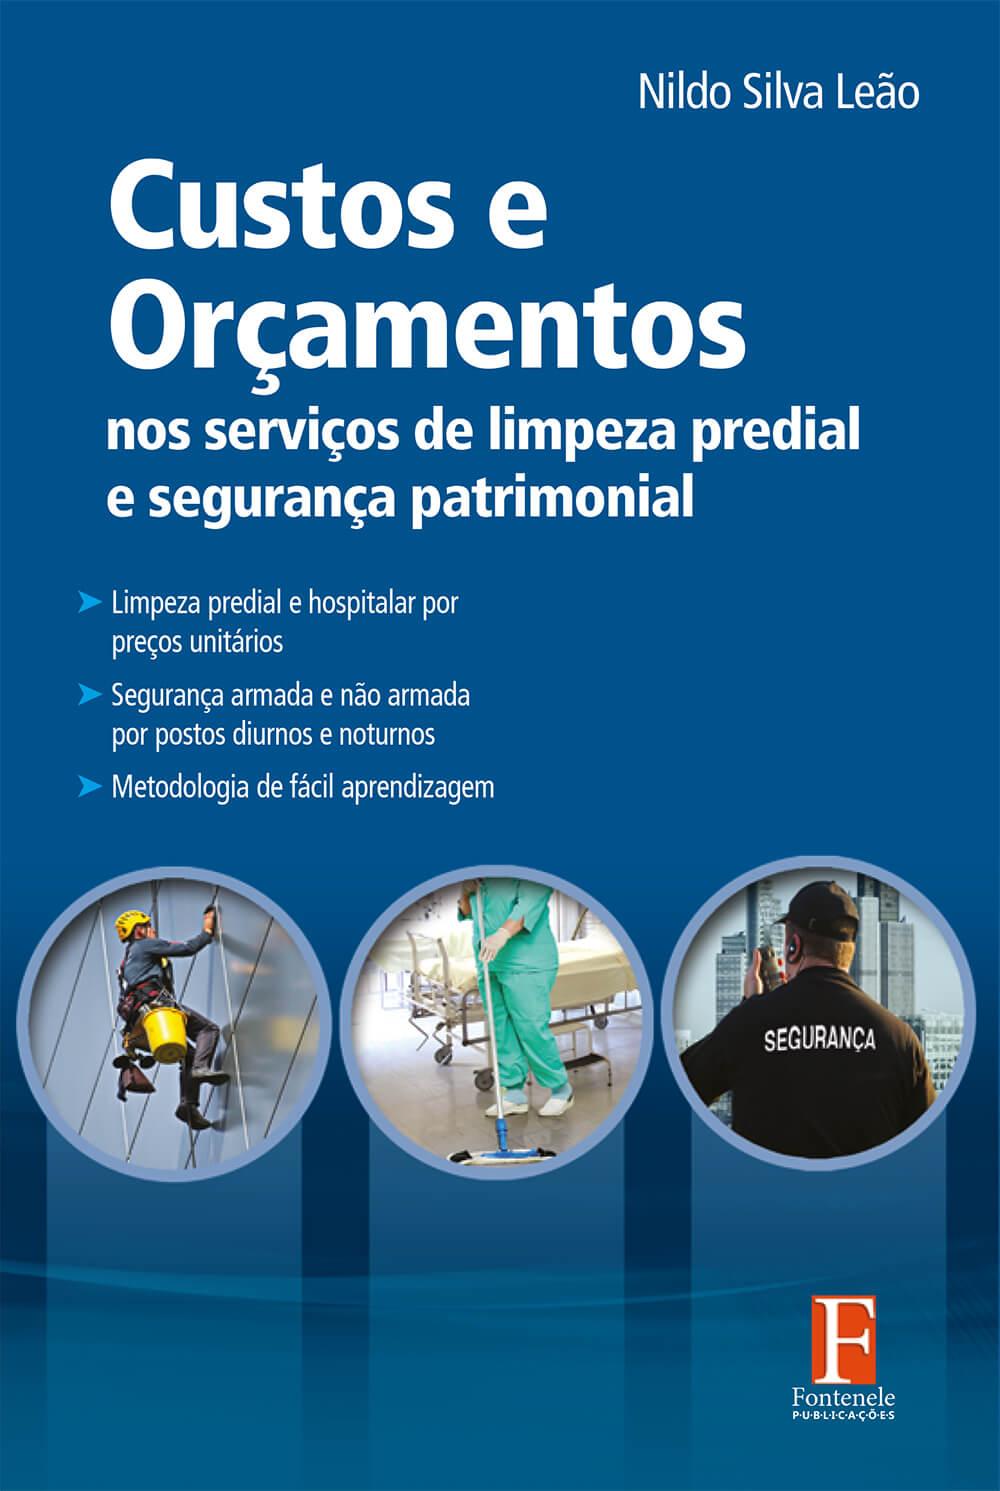 Fontenele Publicações / 11 95150-3481 / 11  95150-4383 Engenharias - Custos e orçamentos nos serviços de limpeza predial e segurança patrimonial